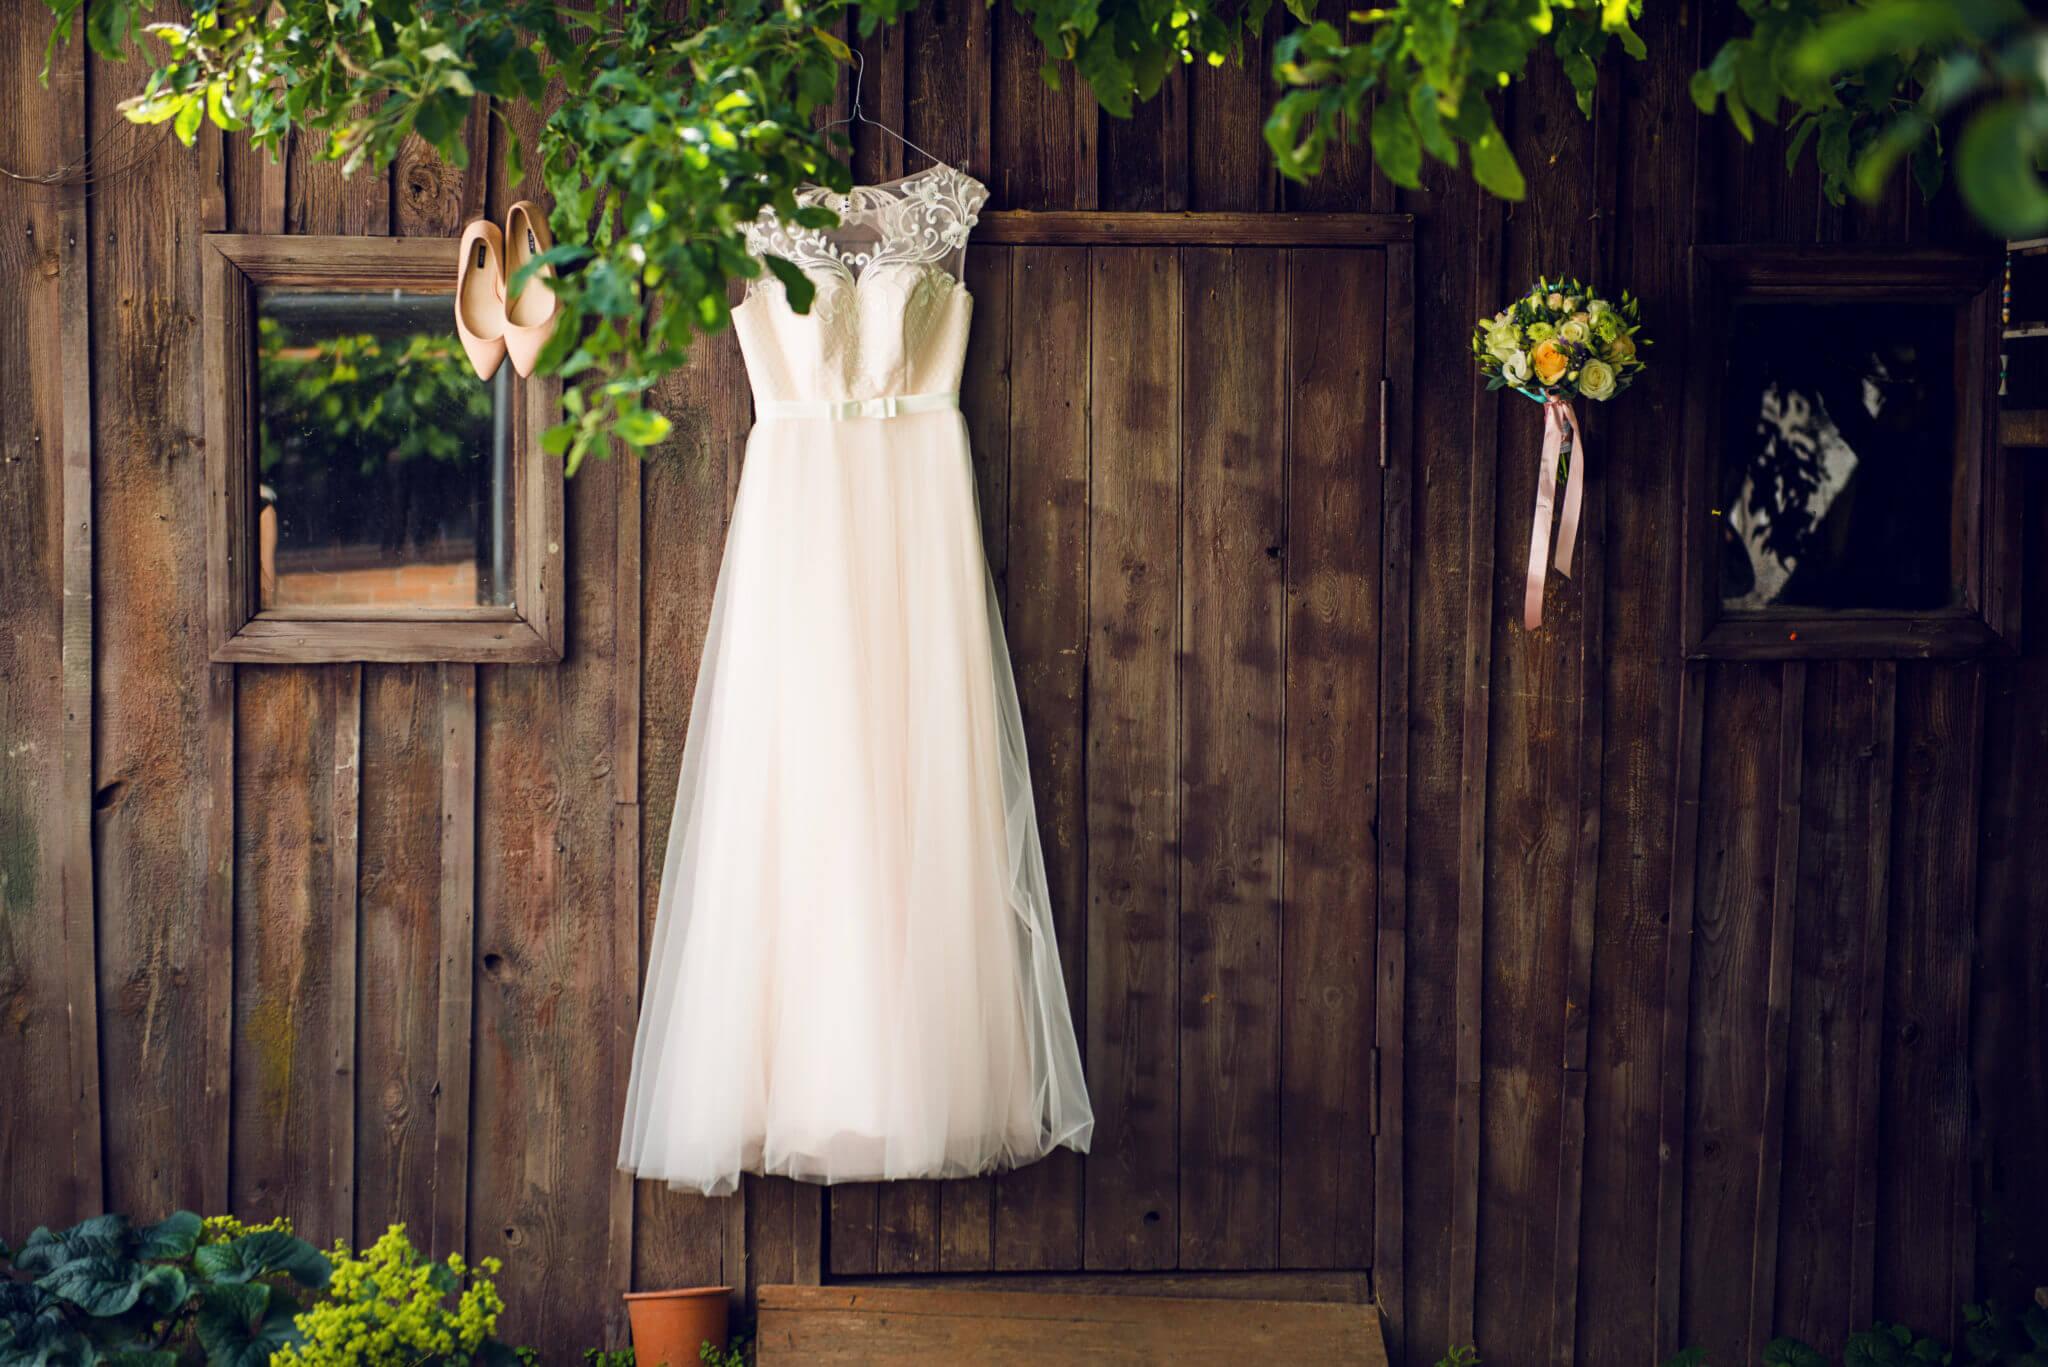 Свадебное портфолио, ph Черкасов, 2017 Шостка, фото платья невесты